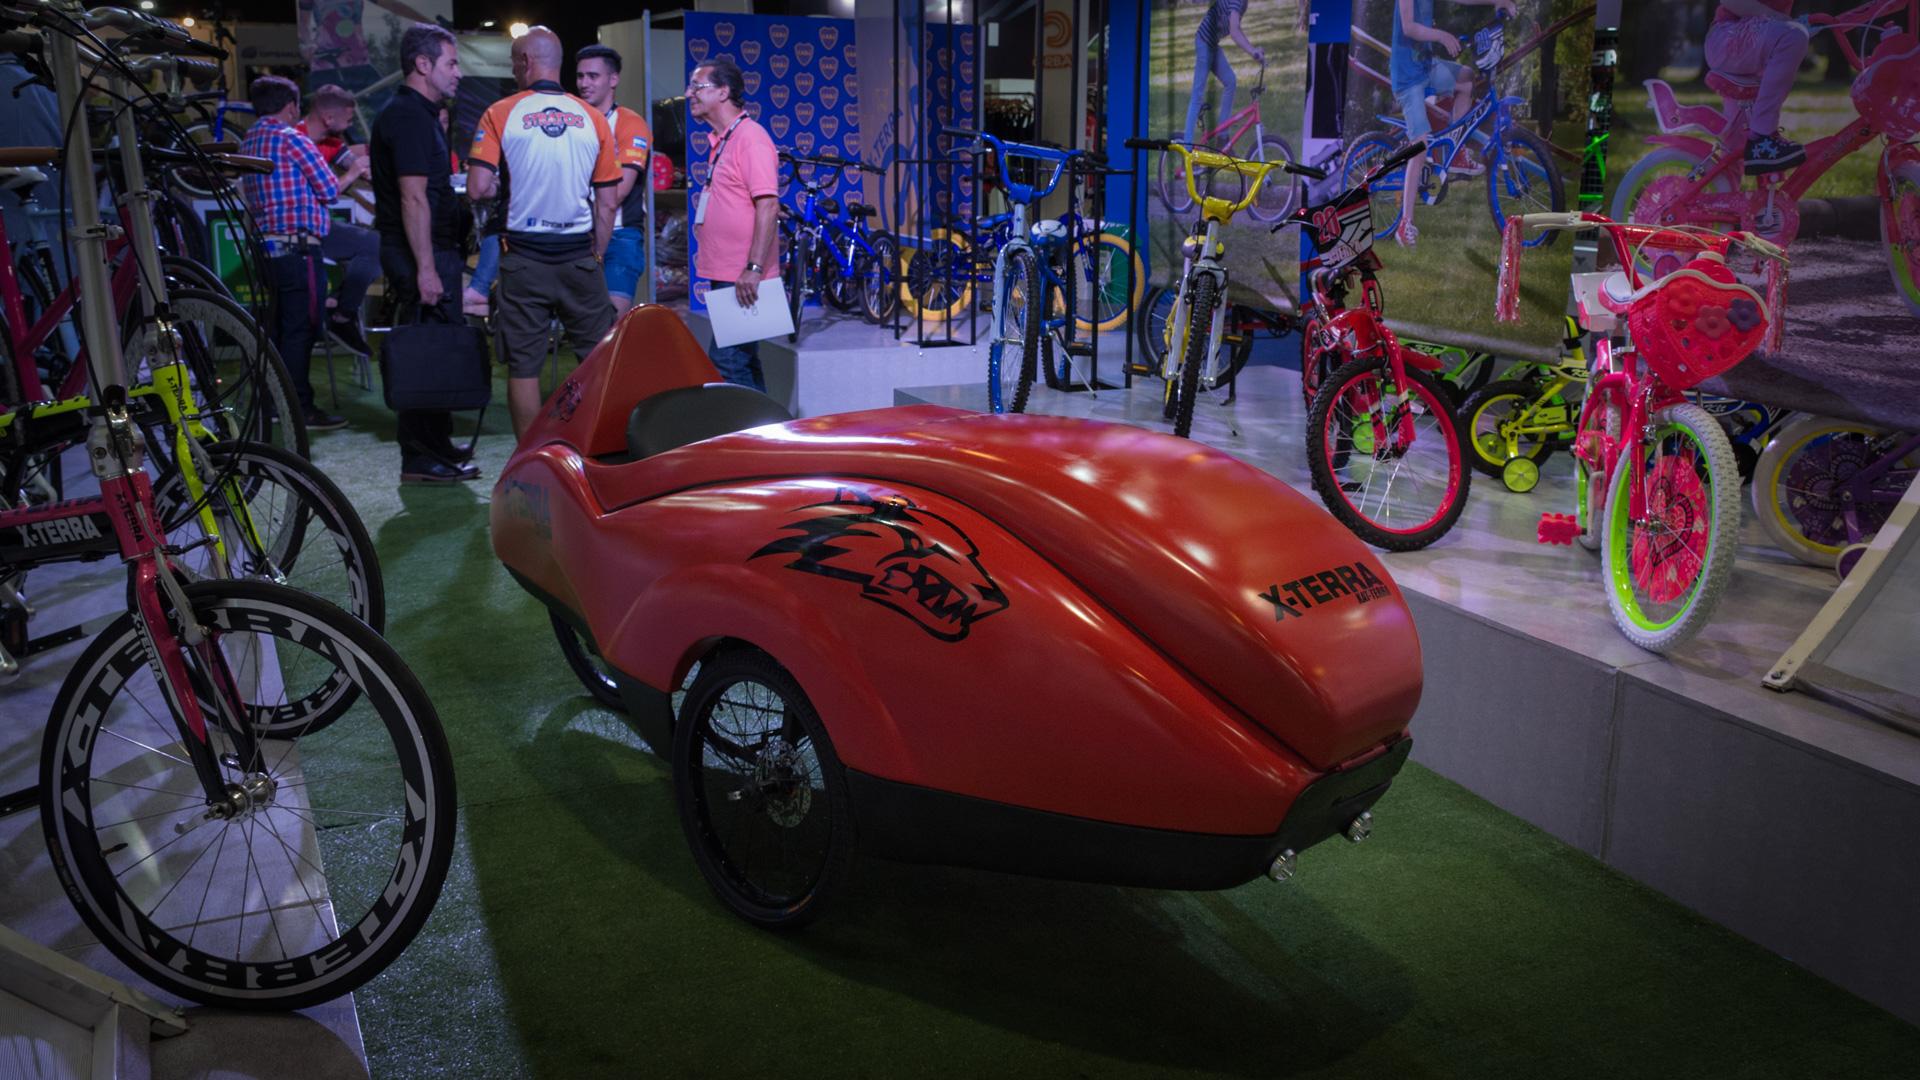 El triciclo sustentable es una de las figuras destacadas de la expo